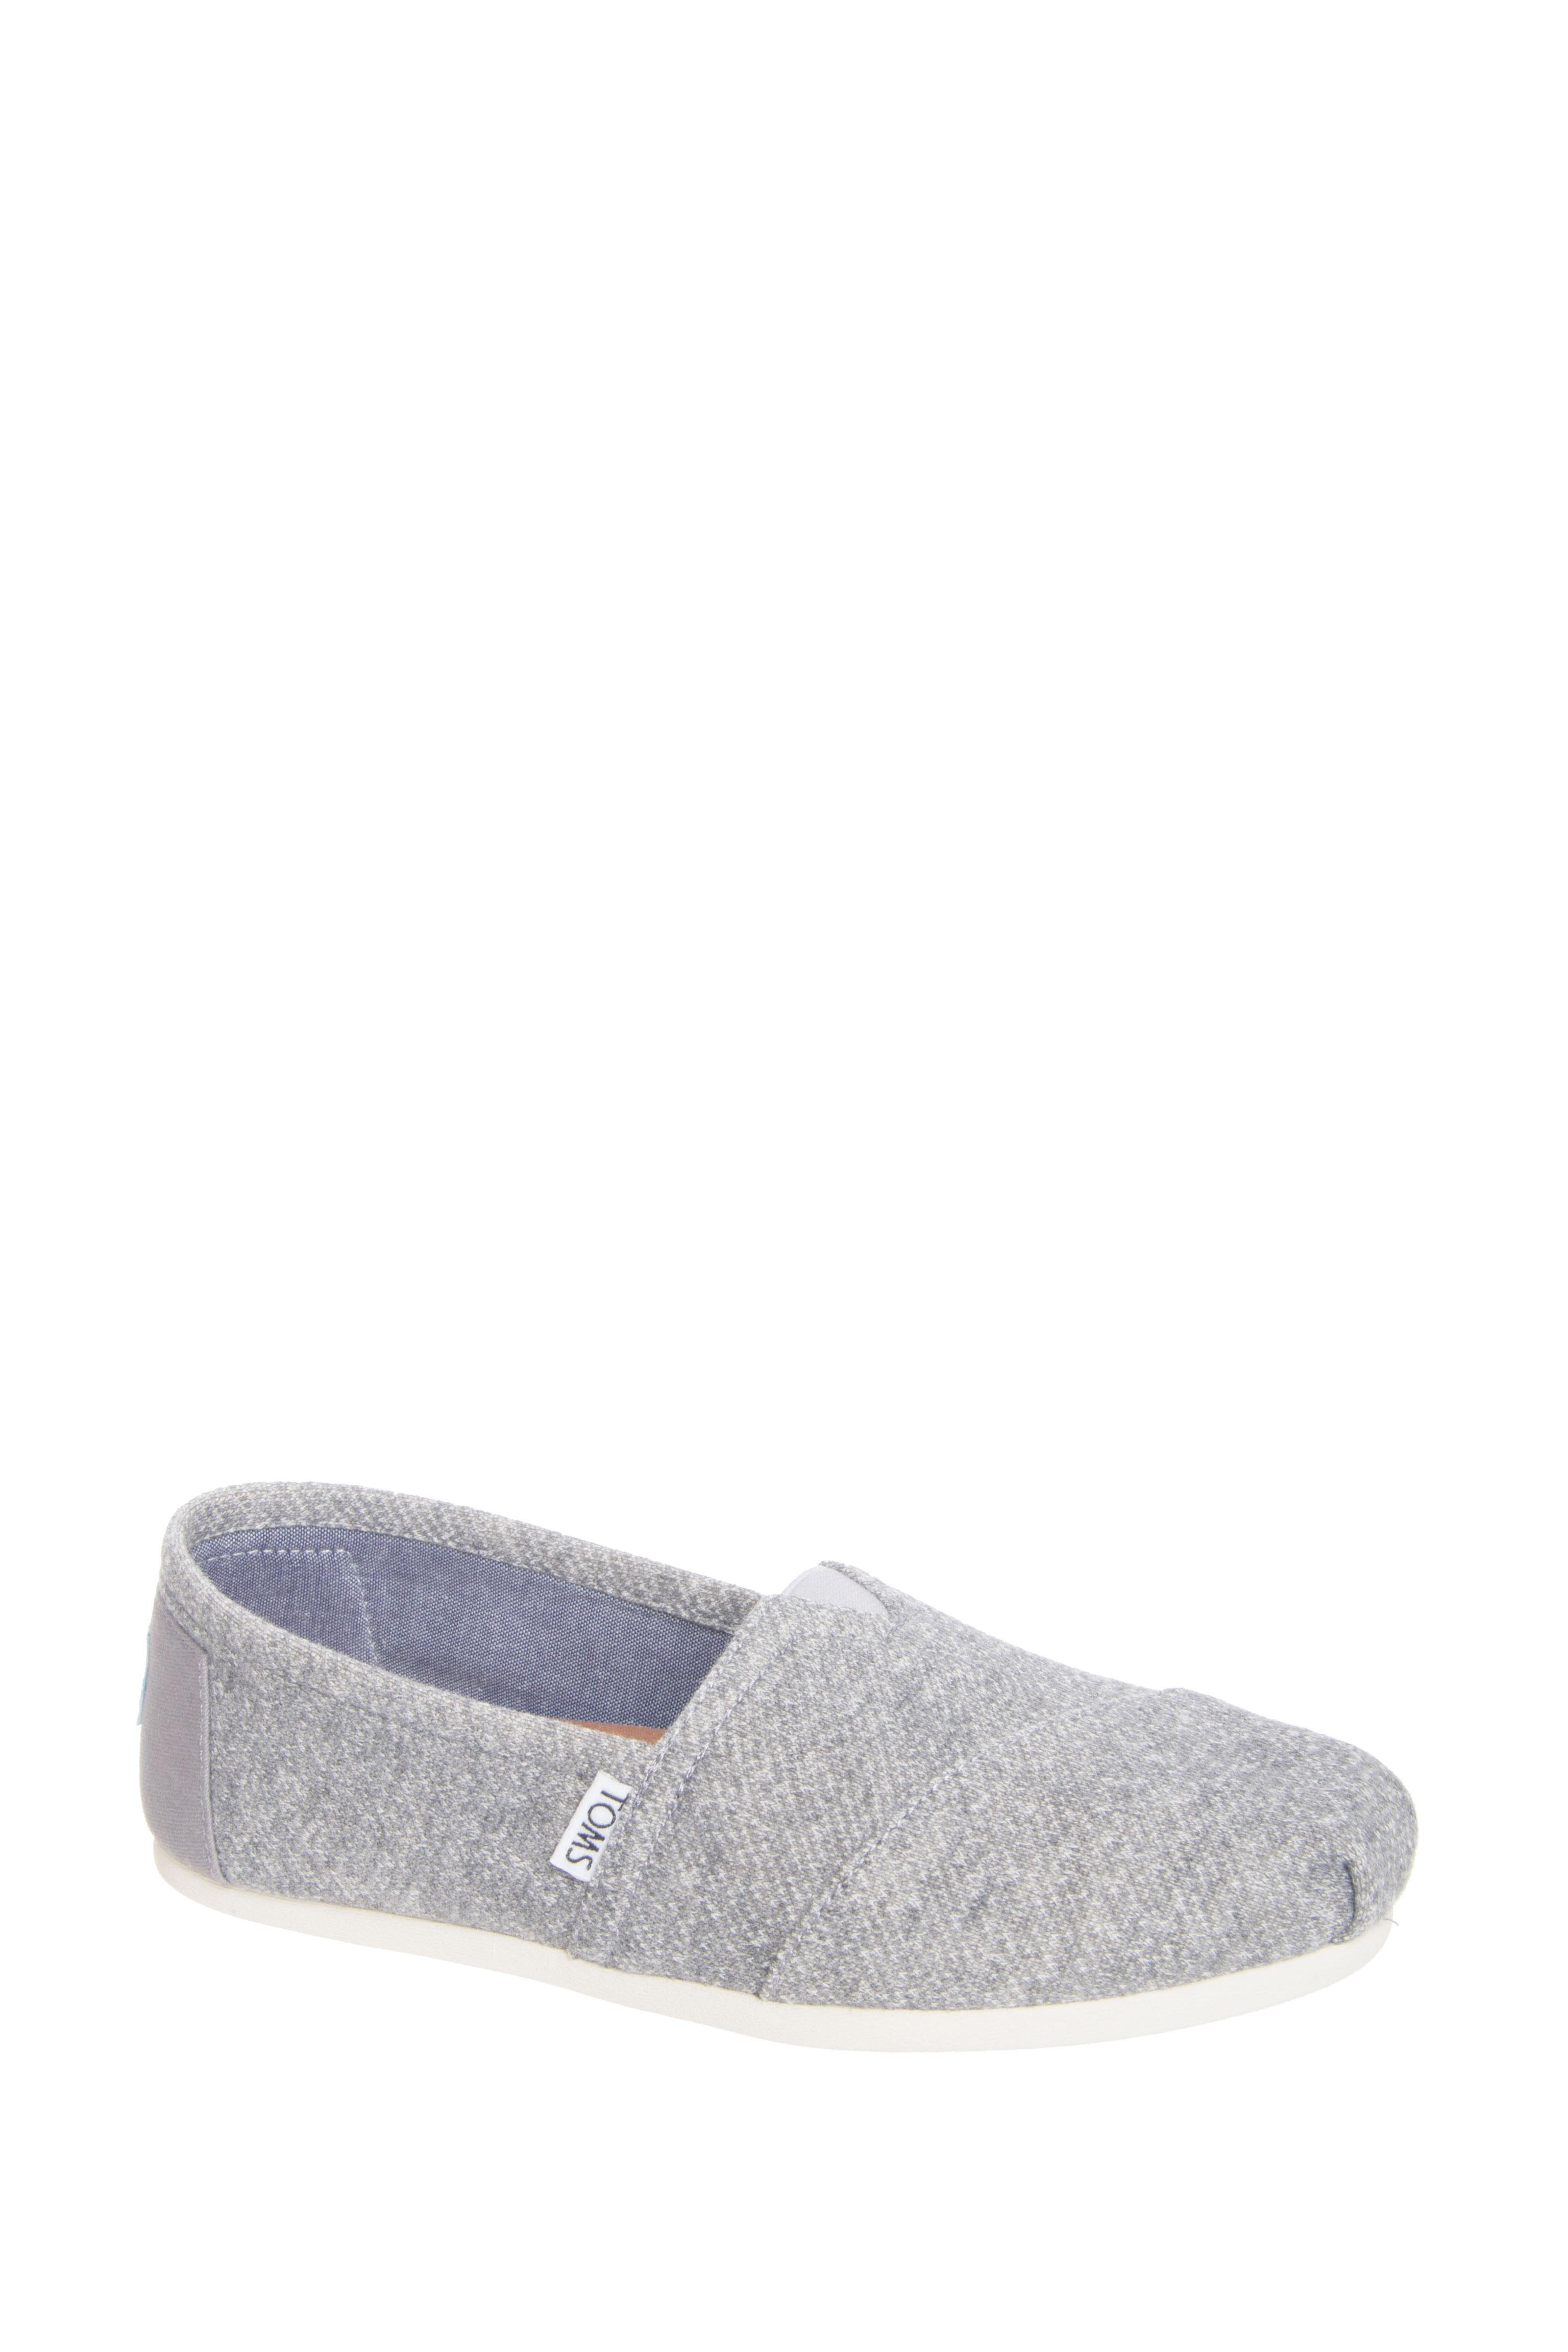 TOMS Classic Alpargata Flats - Grey Marl